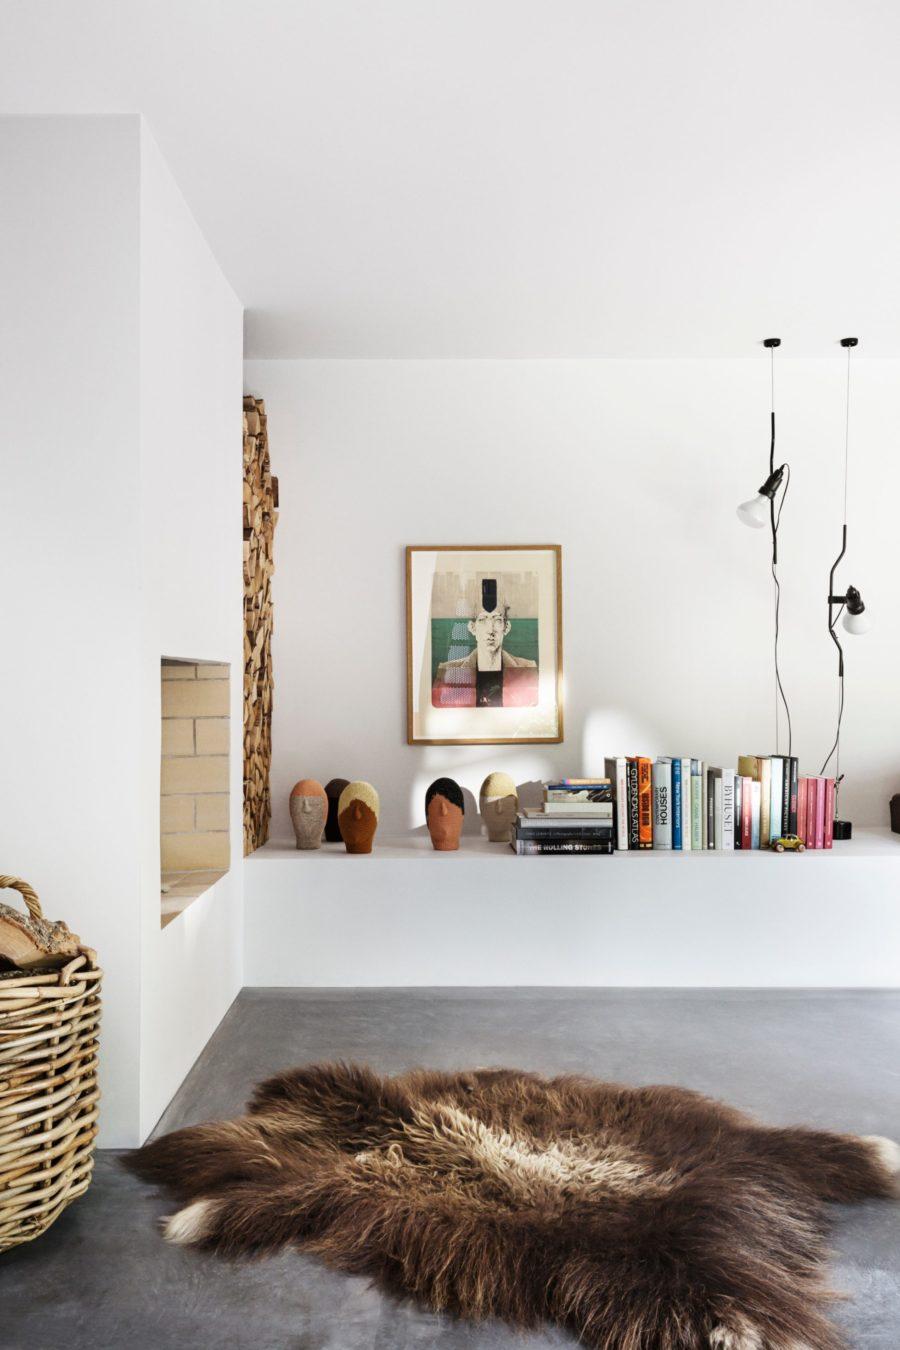 Vardagsrum hemma hos Peter Krasilnikoff, ritat av David Thulstrup